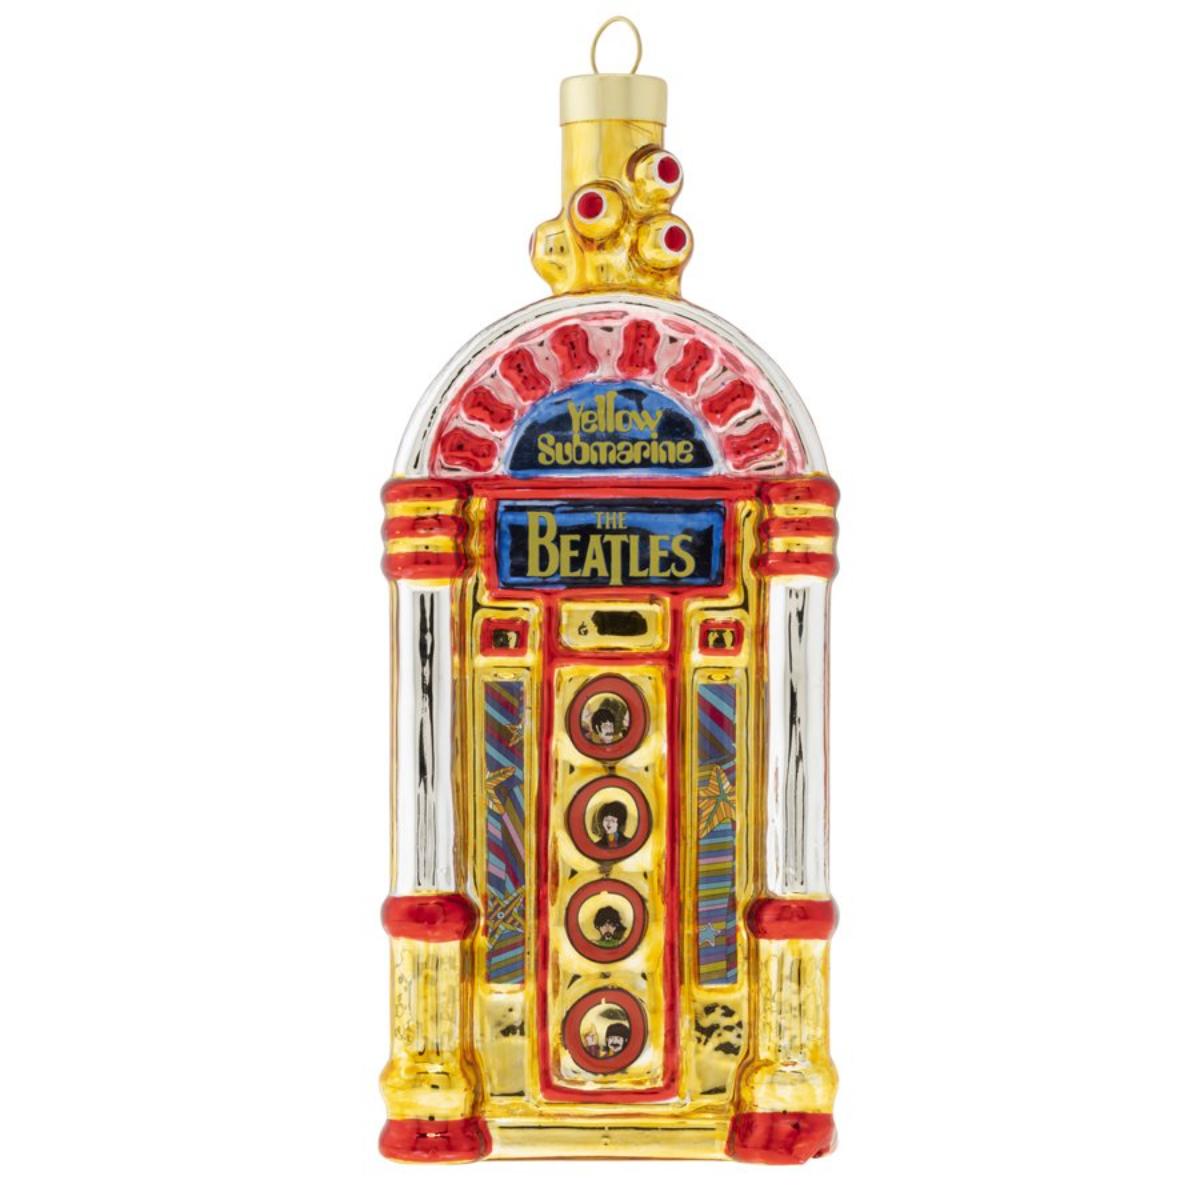 Yellow Submarine Jukebox Ornament